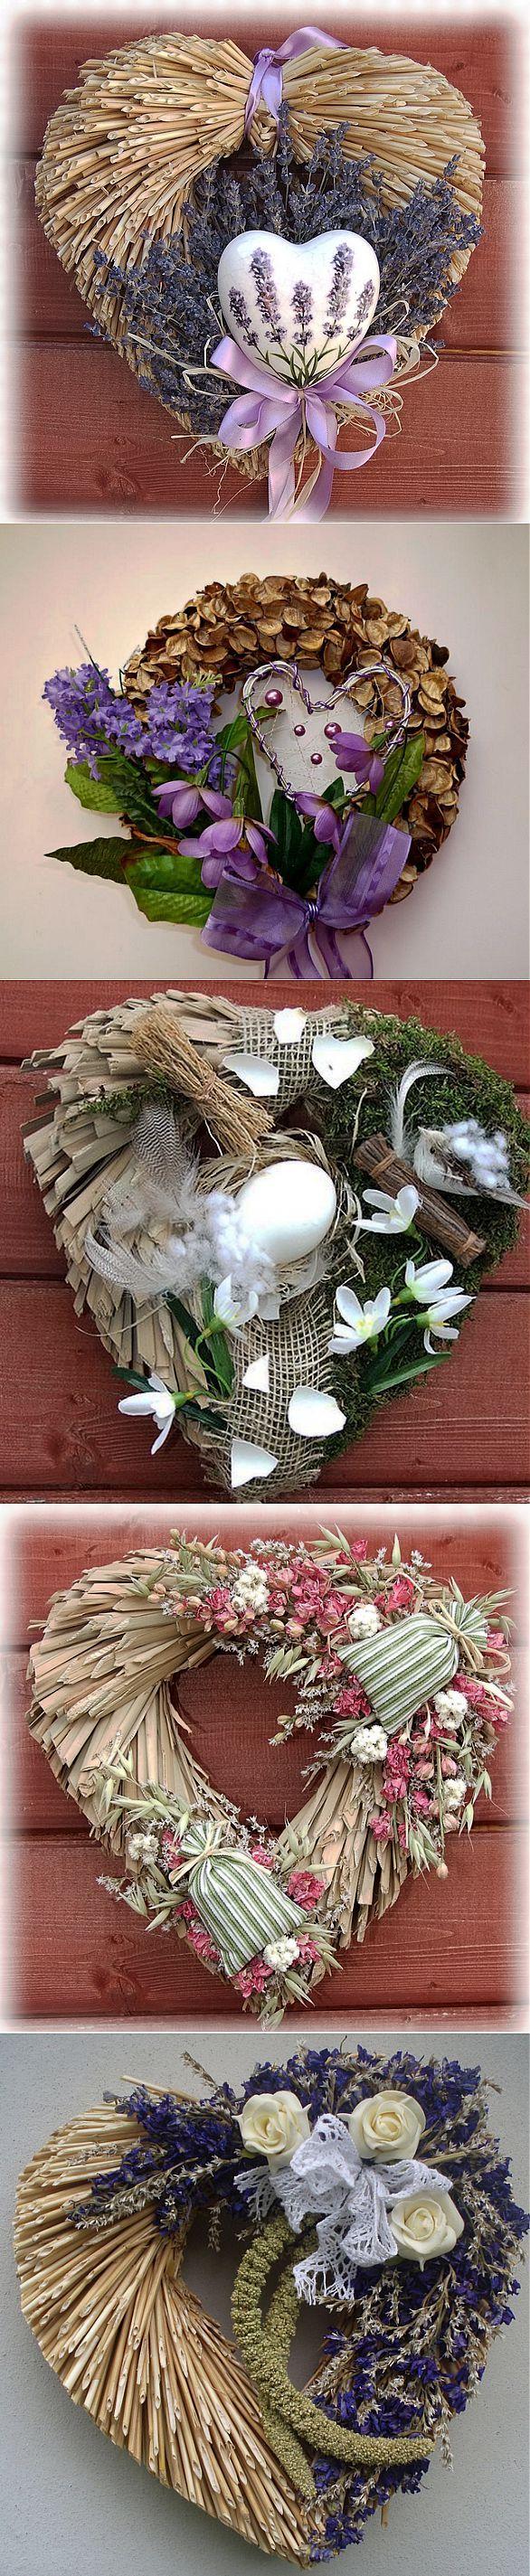 Stílusos Húsvéti koszorúk.  Válogatás inspirációt.